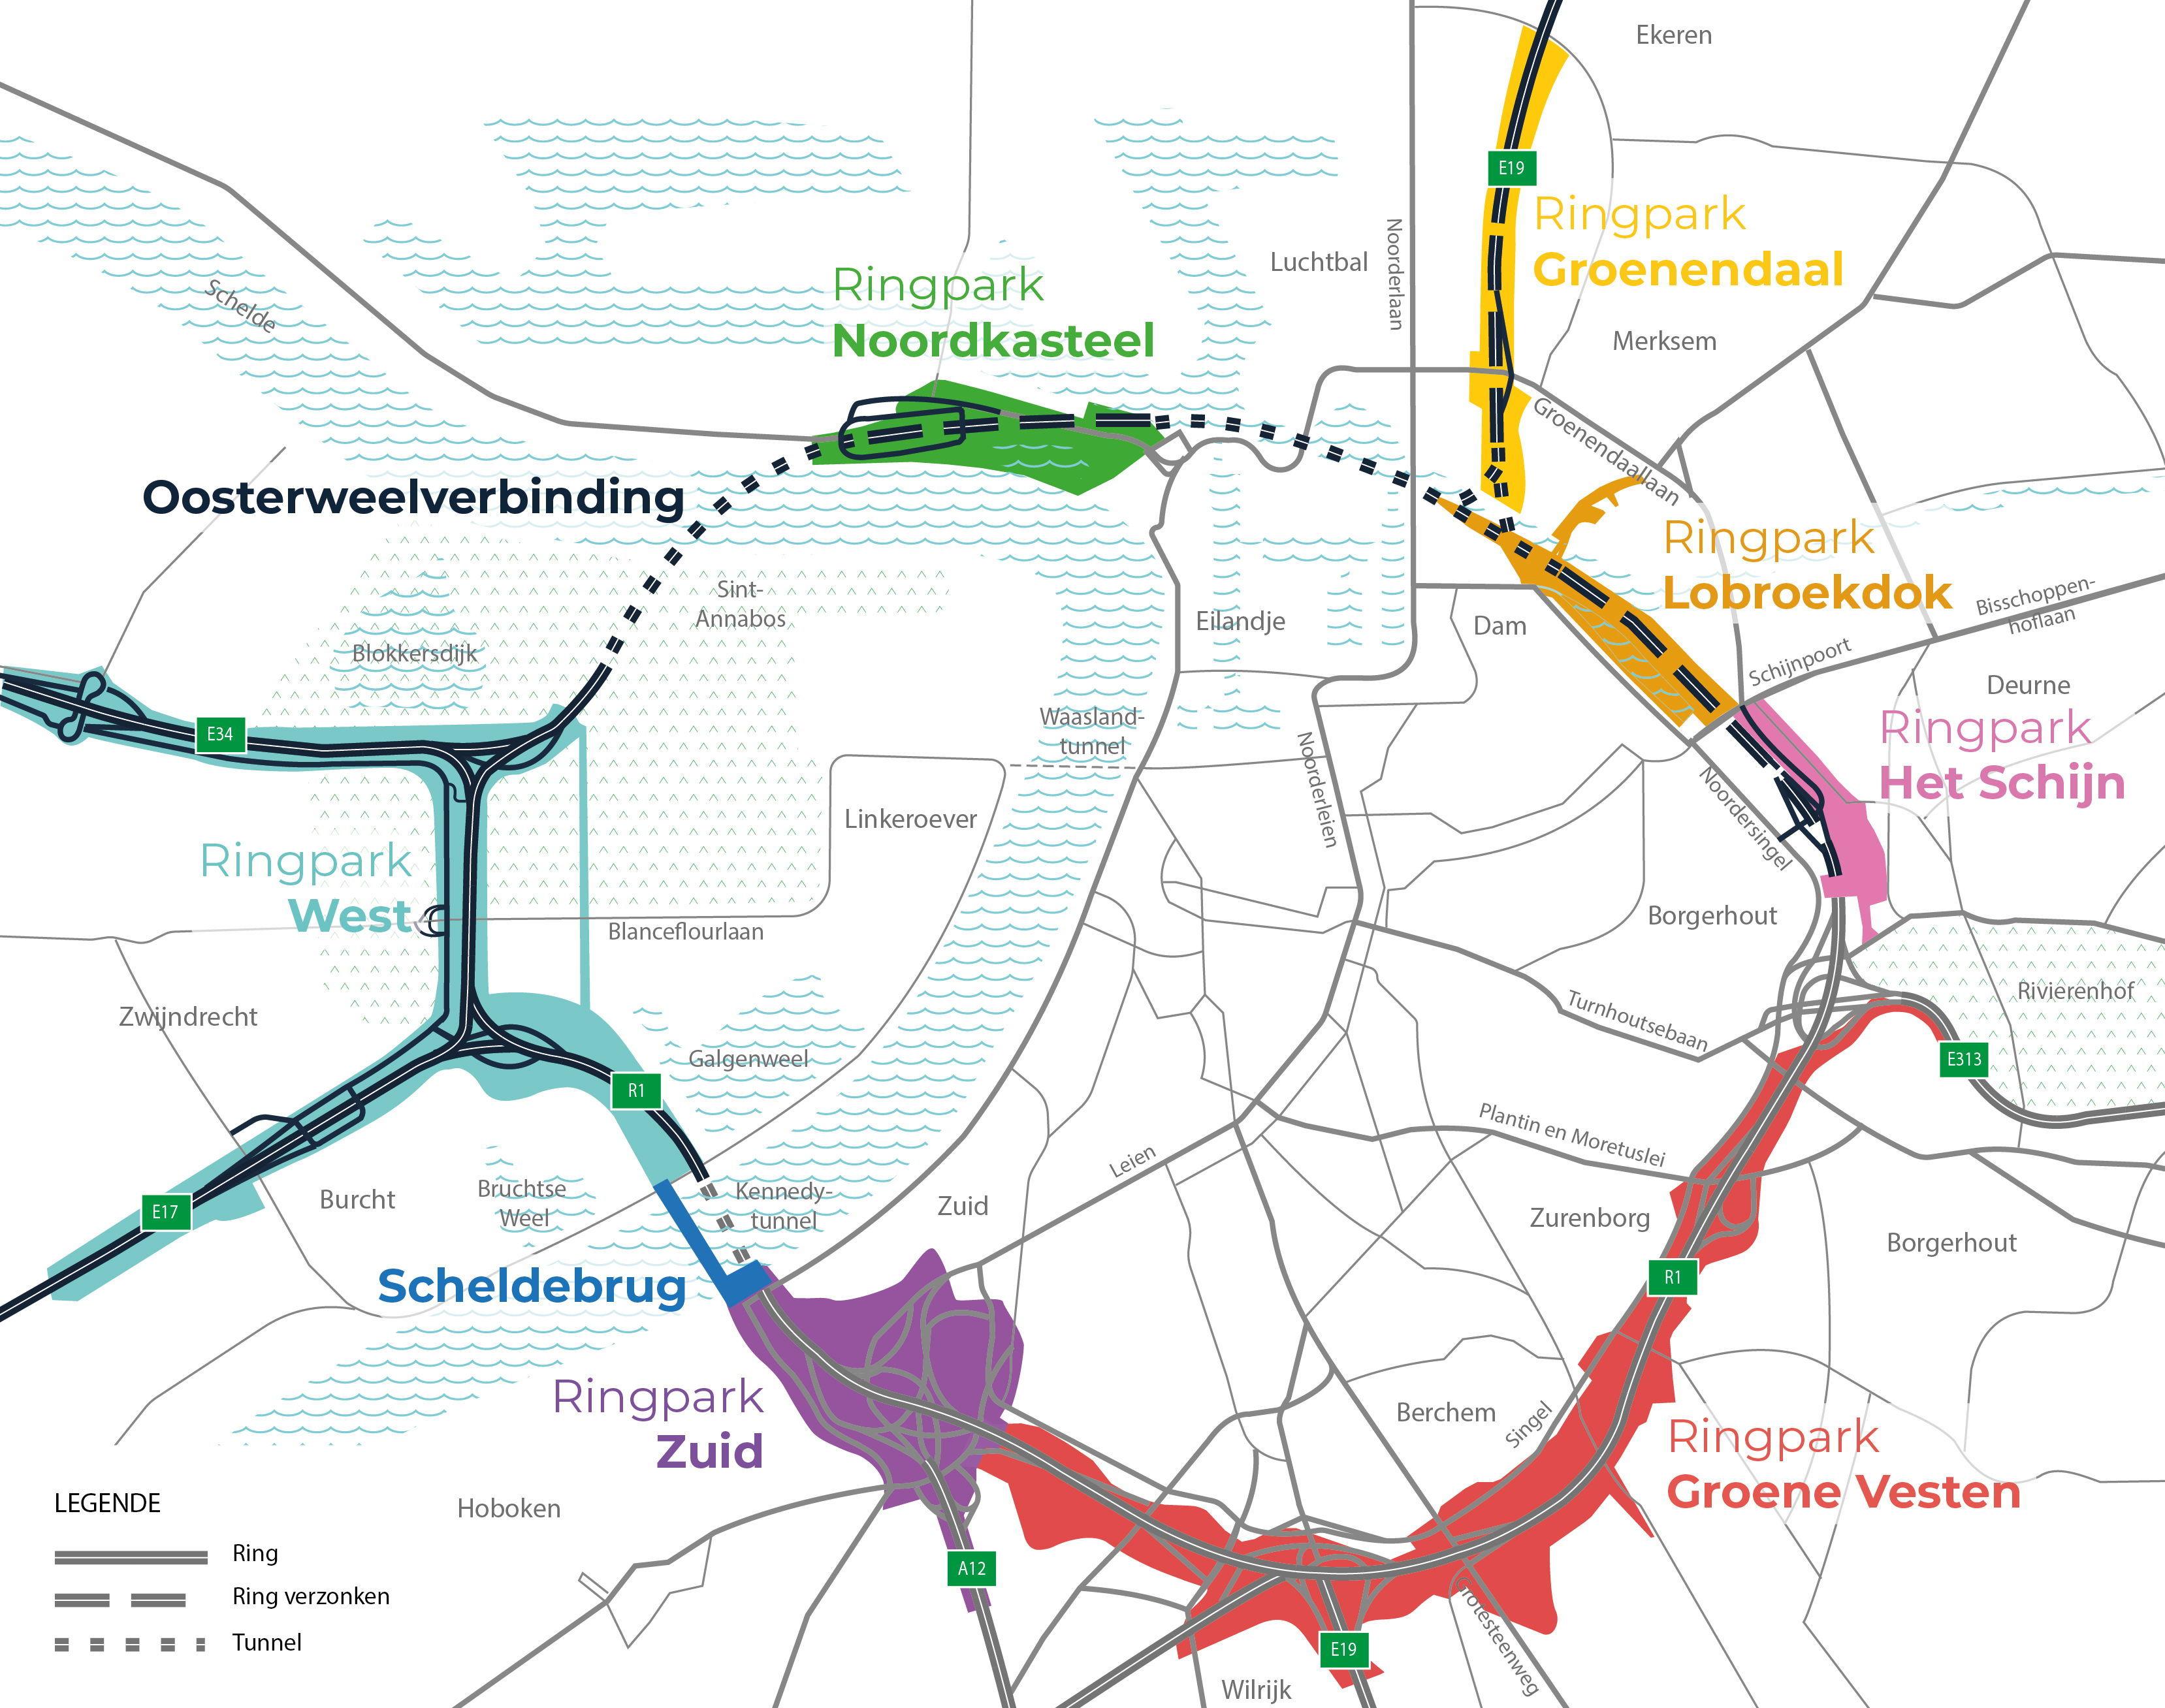 De Grote Verbinding brengt de Oosterweelverbinding samen met de 7 Ringparken en de Scheldebrug in één geheel, dat de komende jaren verder wordt uitgetekend en gebouwd.